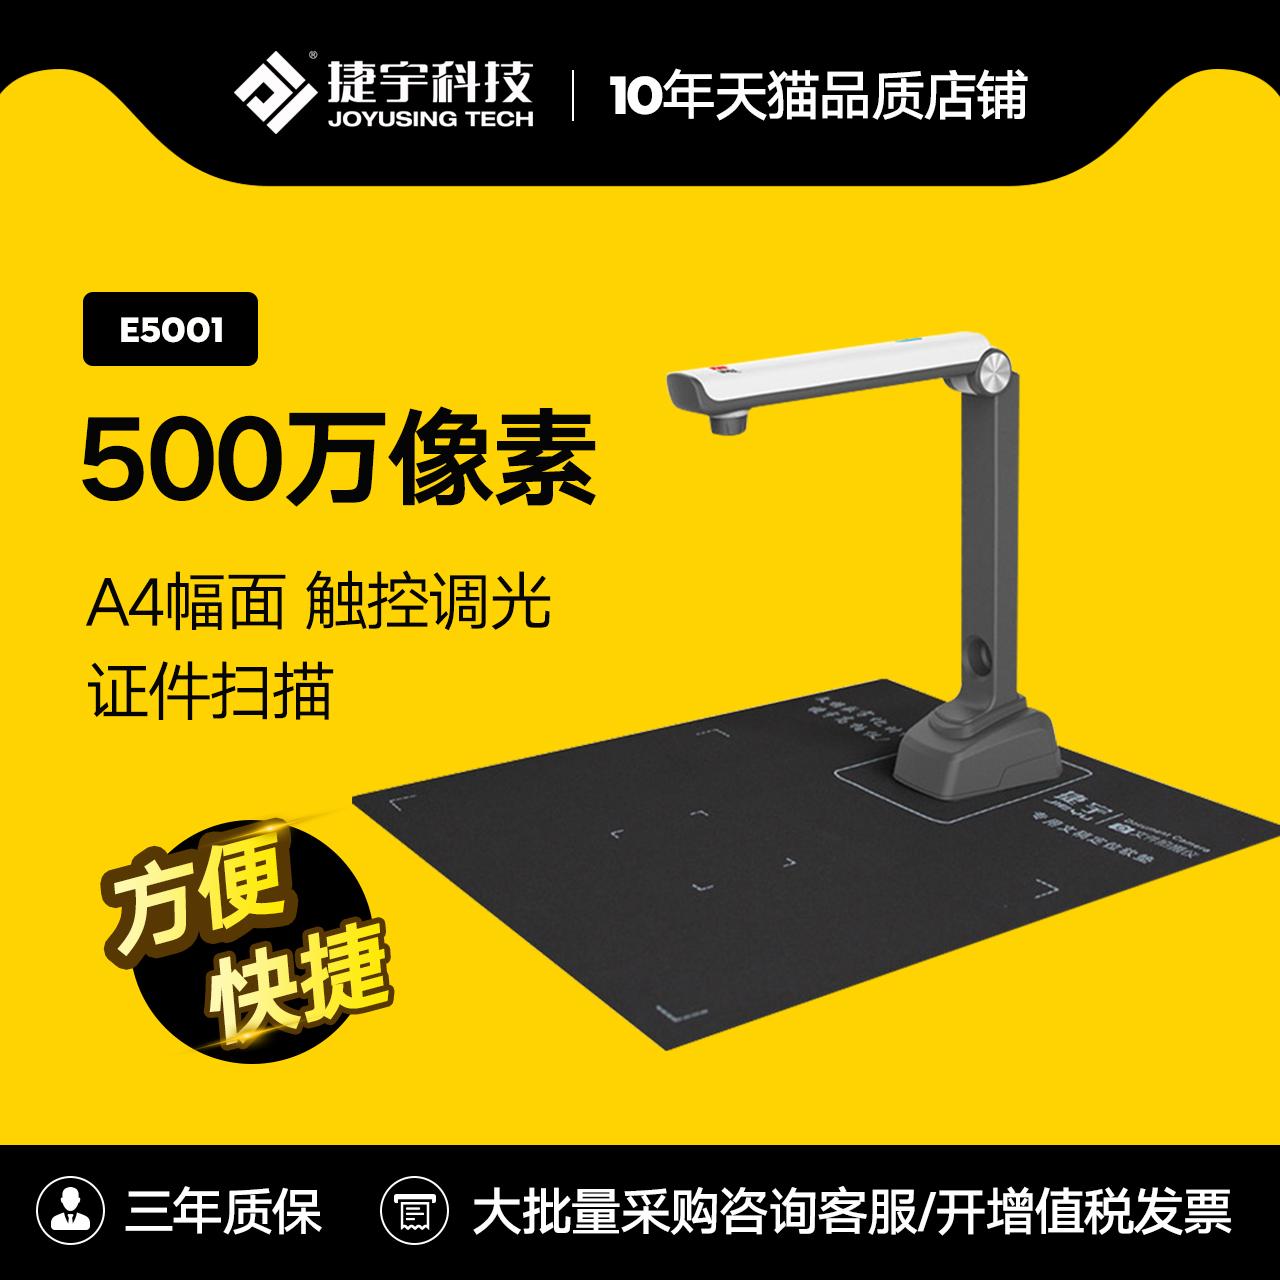 捷宇 高拍仪E5001高清摄像头a4条形码扫描仪办公档案证件文字拍照设备